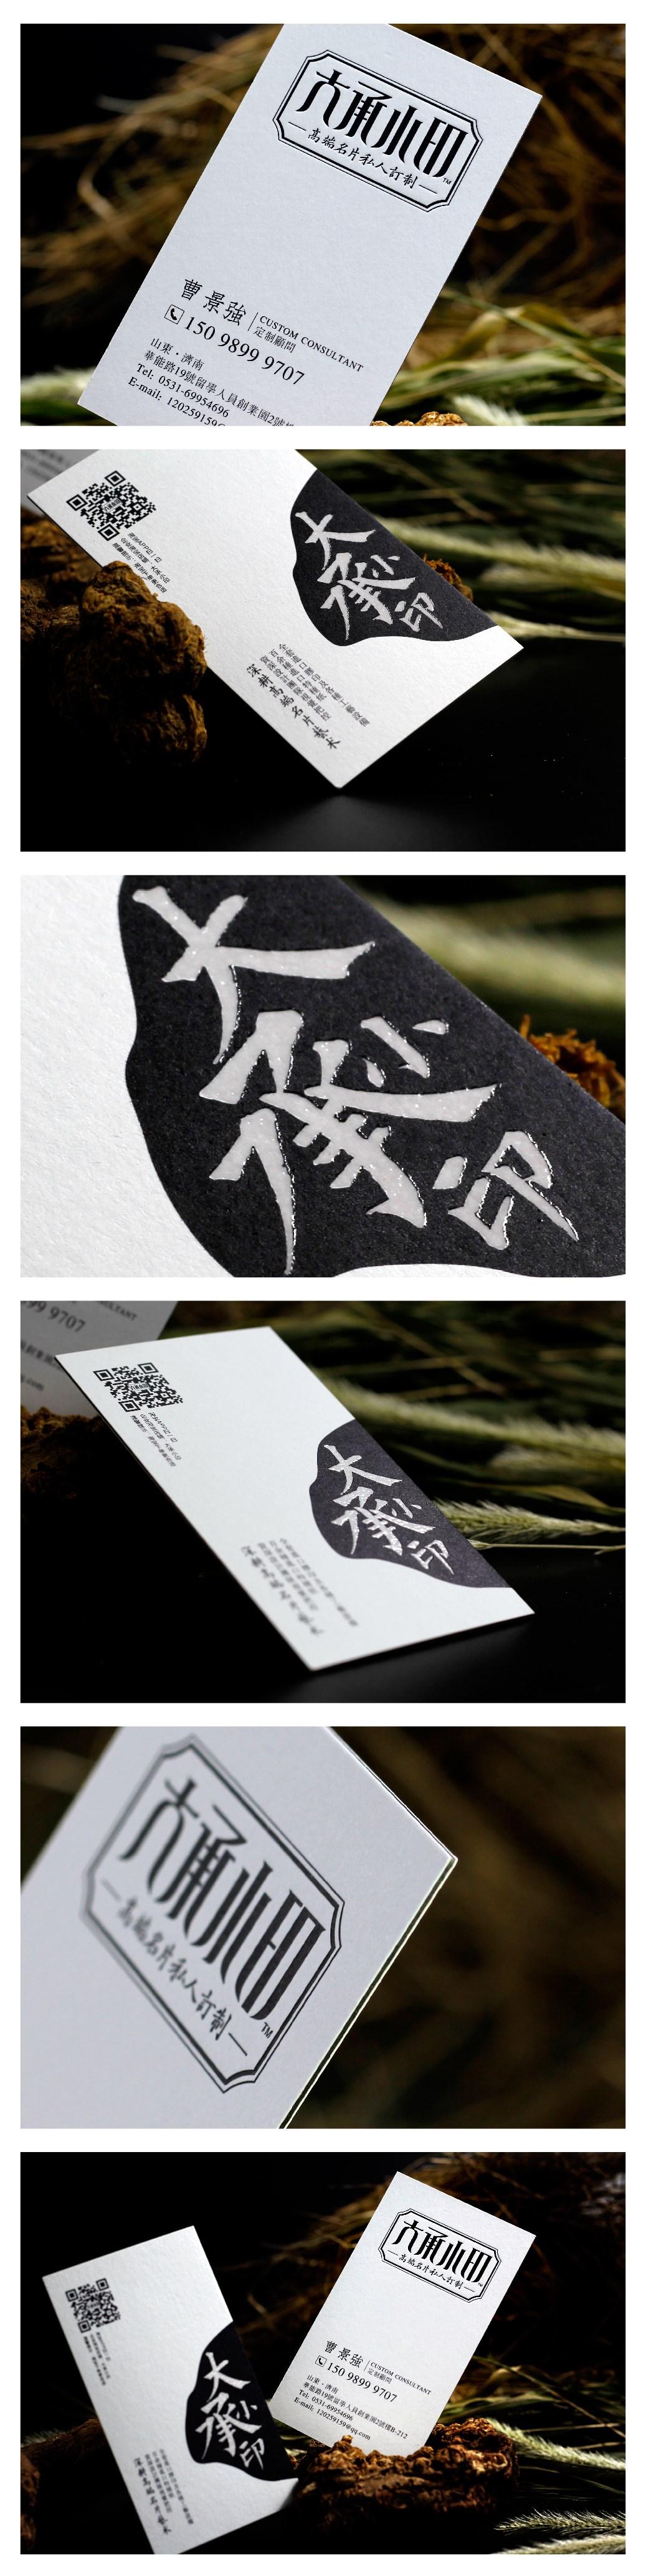 2款特种纸工艺名片欣赏(大承小印友情制作)